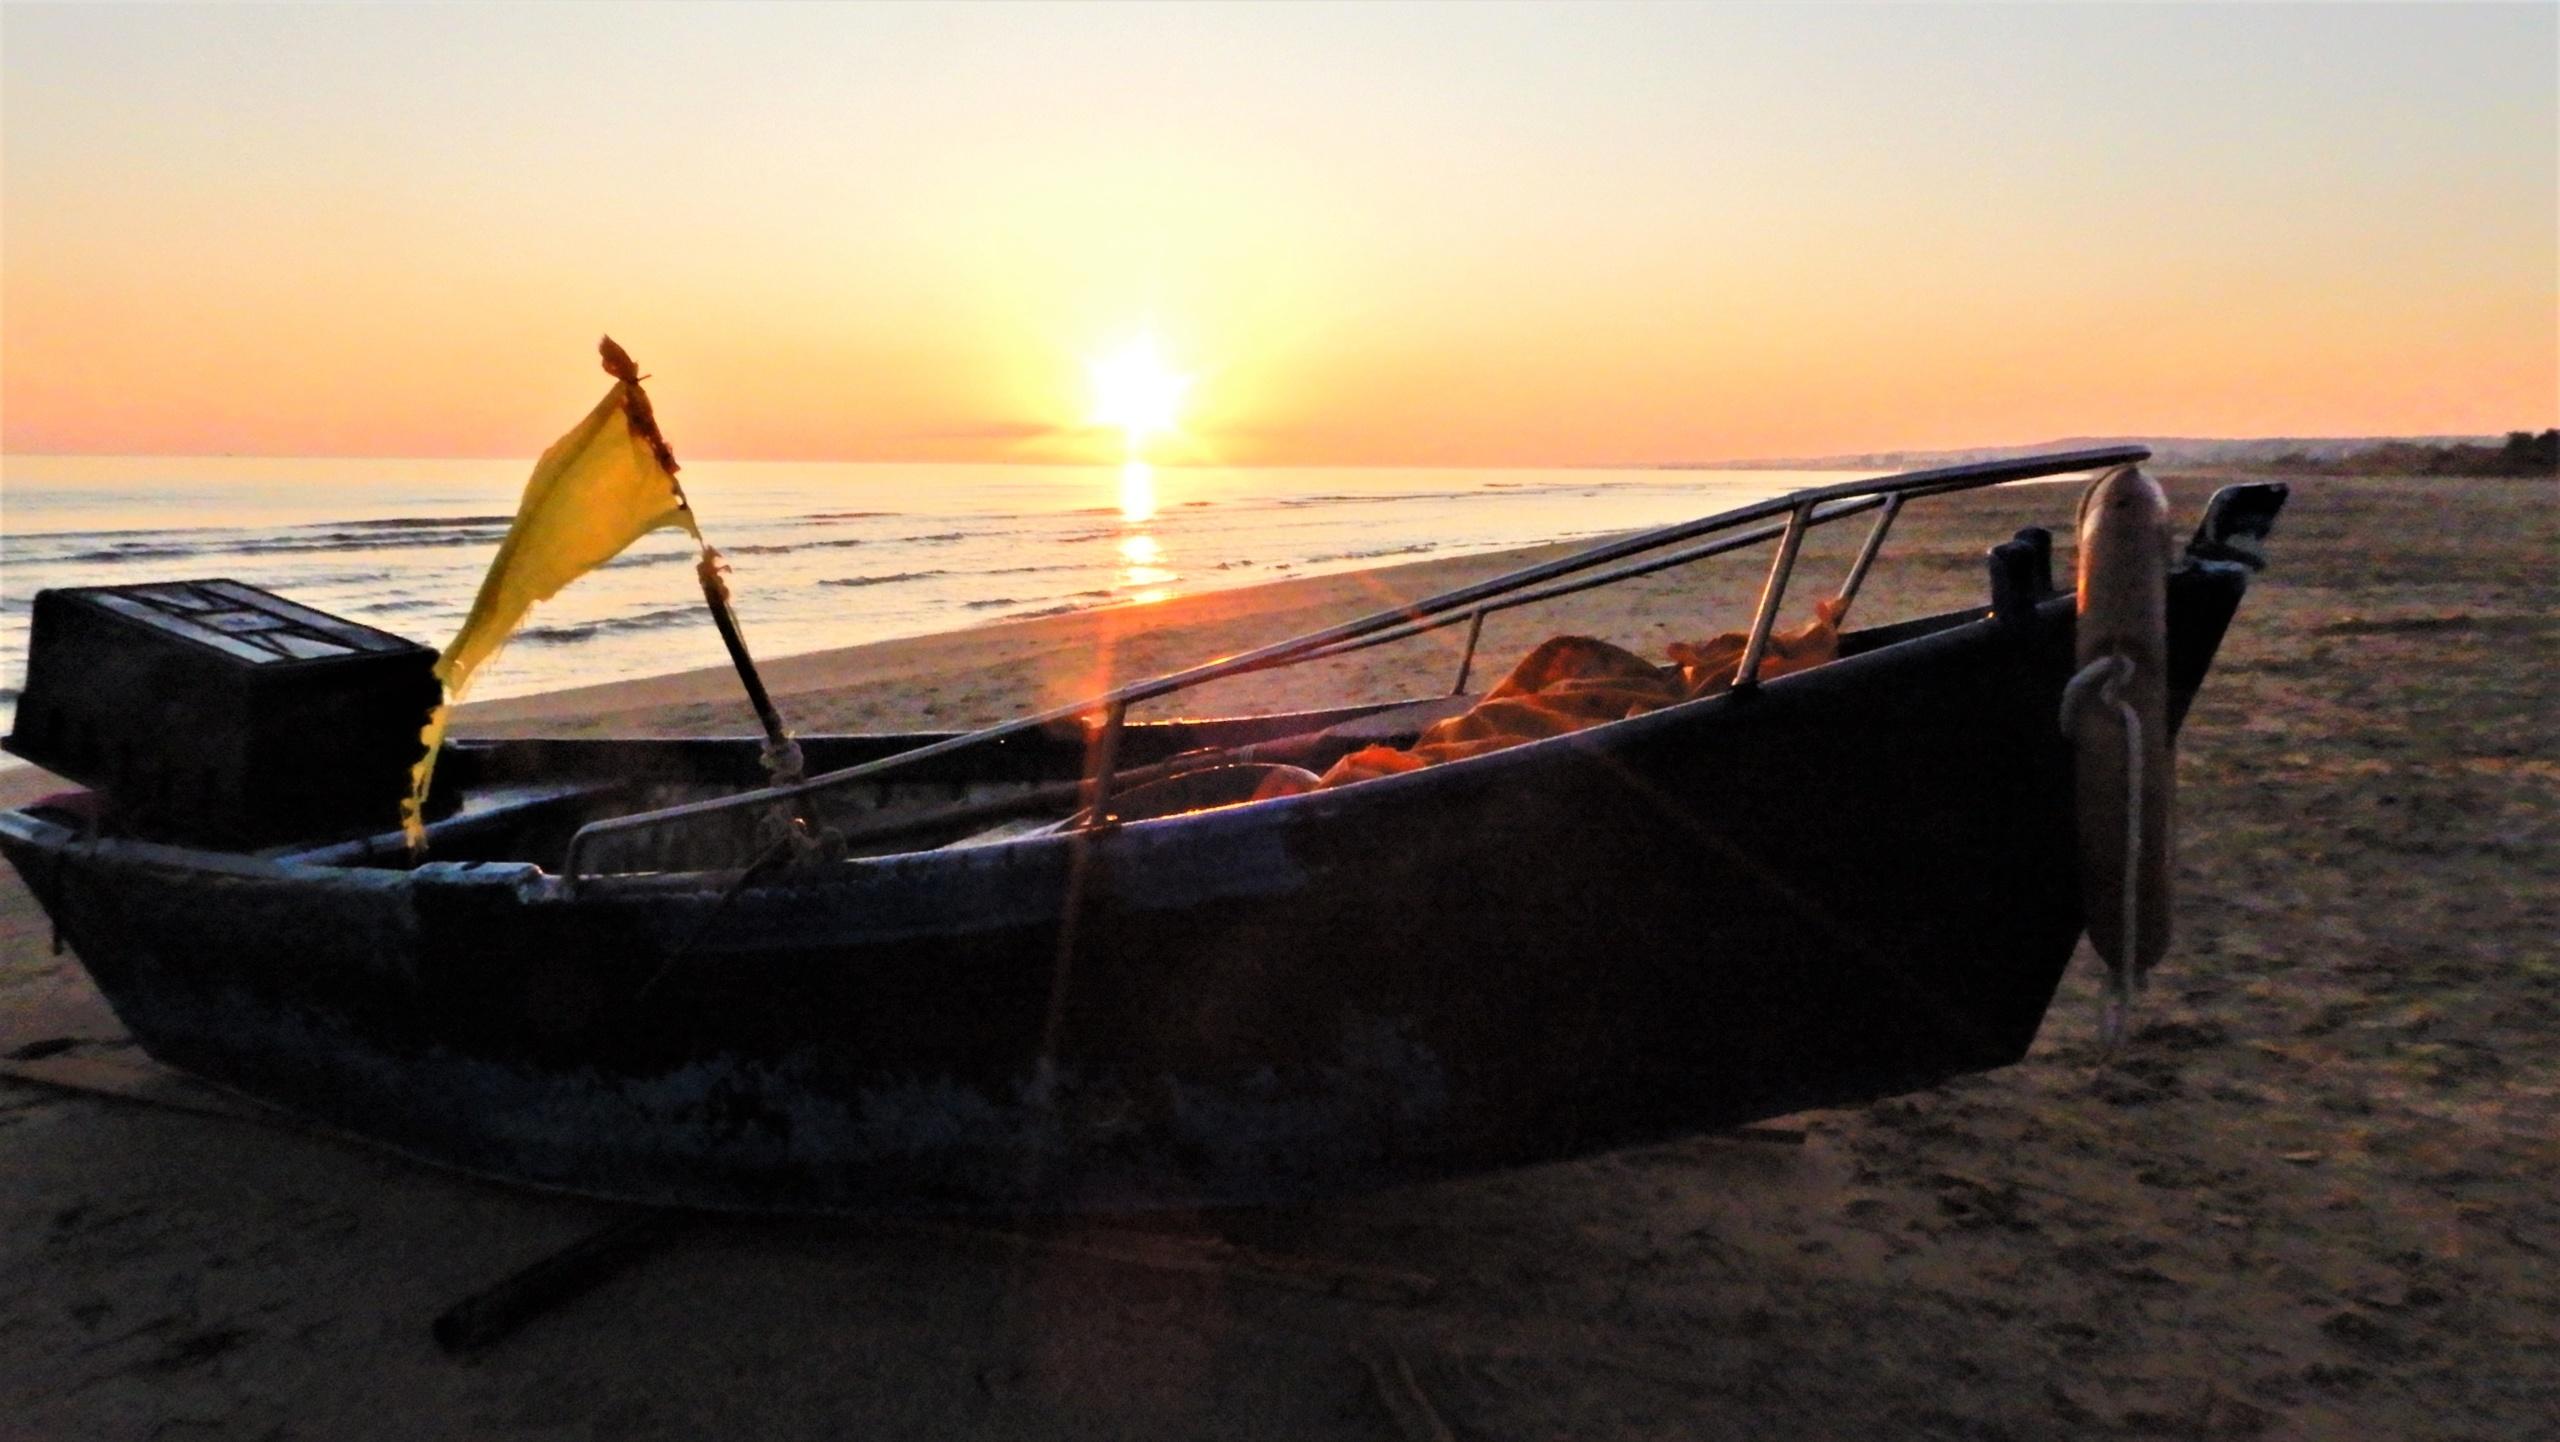 27-Rientro-allalba-del-pescatore-a-Trani